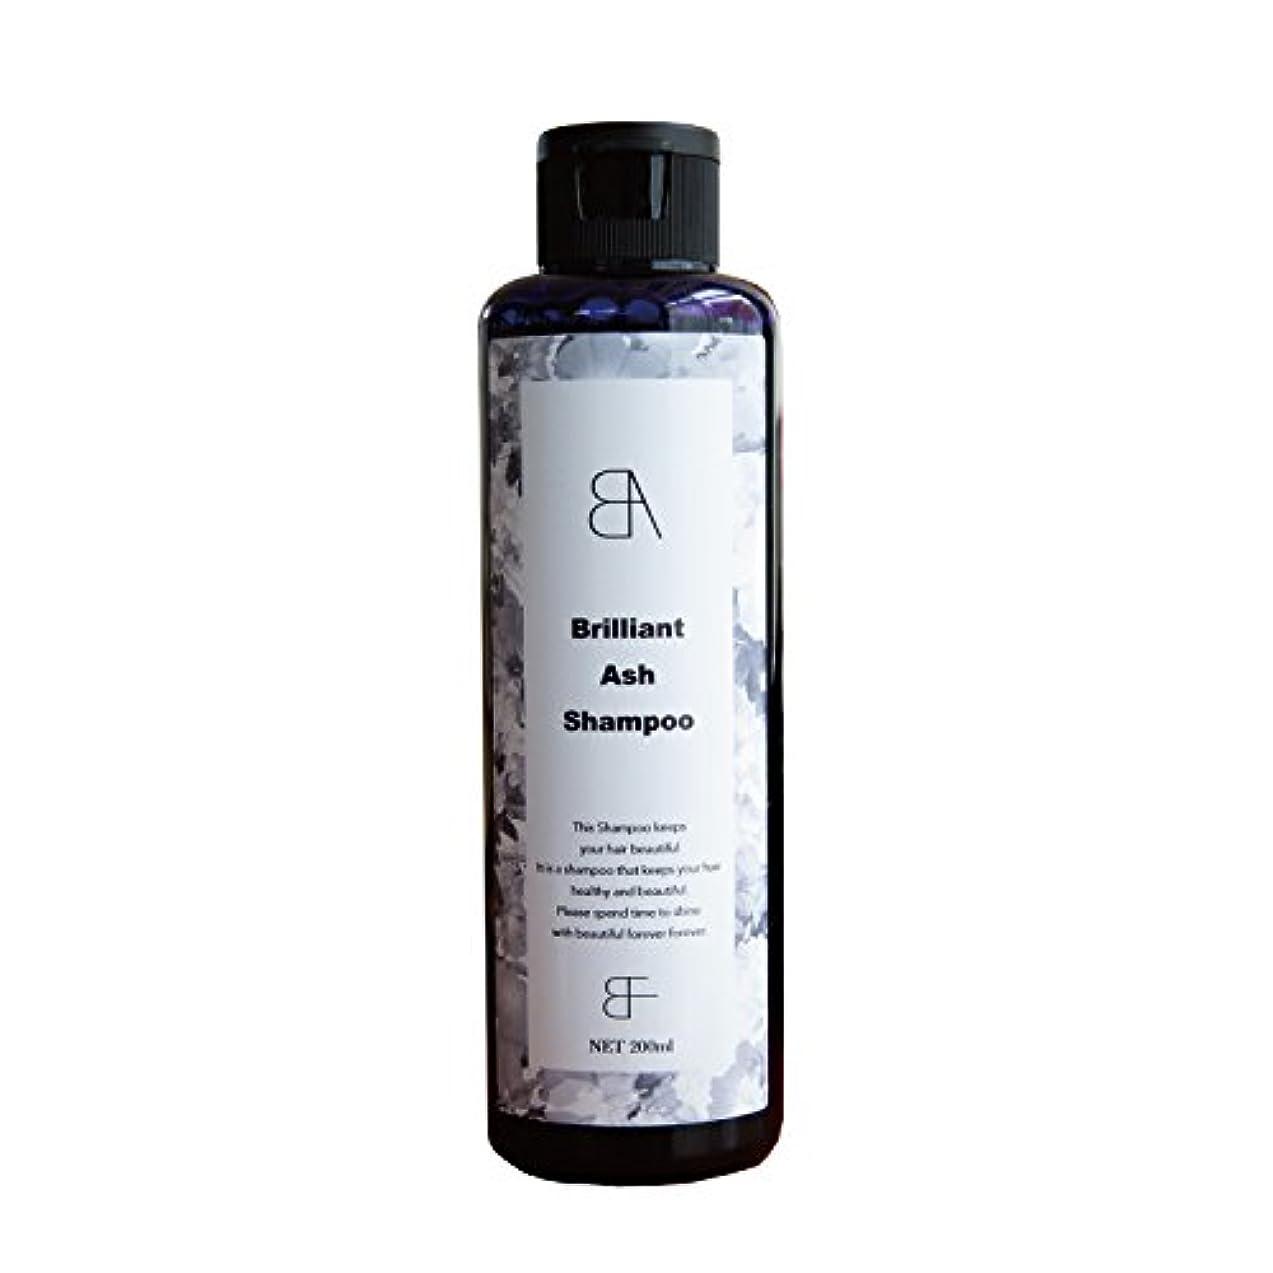 導出適切な楕円形Brilliant Ash Shampoo(ブリリアント アッシュ シャンプー) カラーシャンプー シルバーシャンプー 200ml (サロン専売商品)